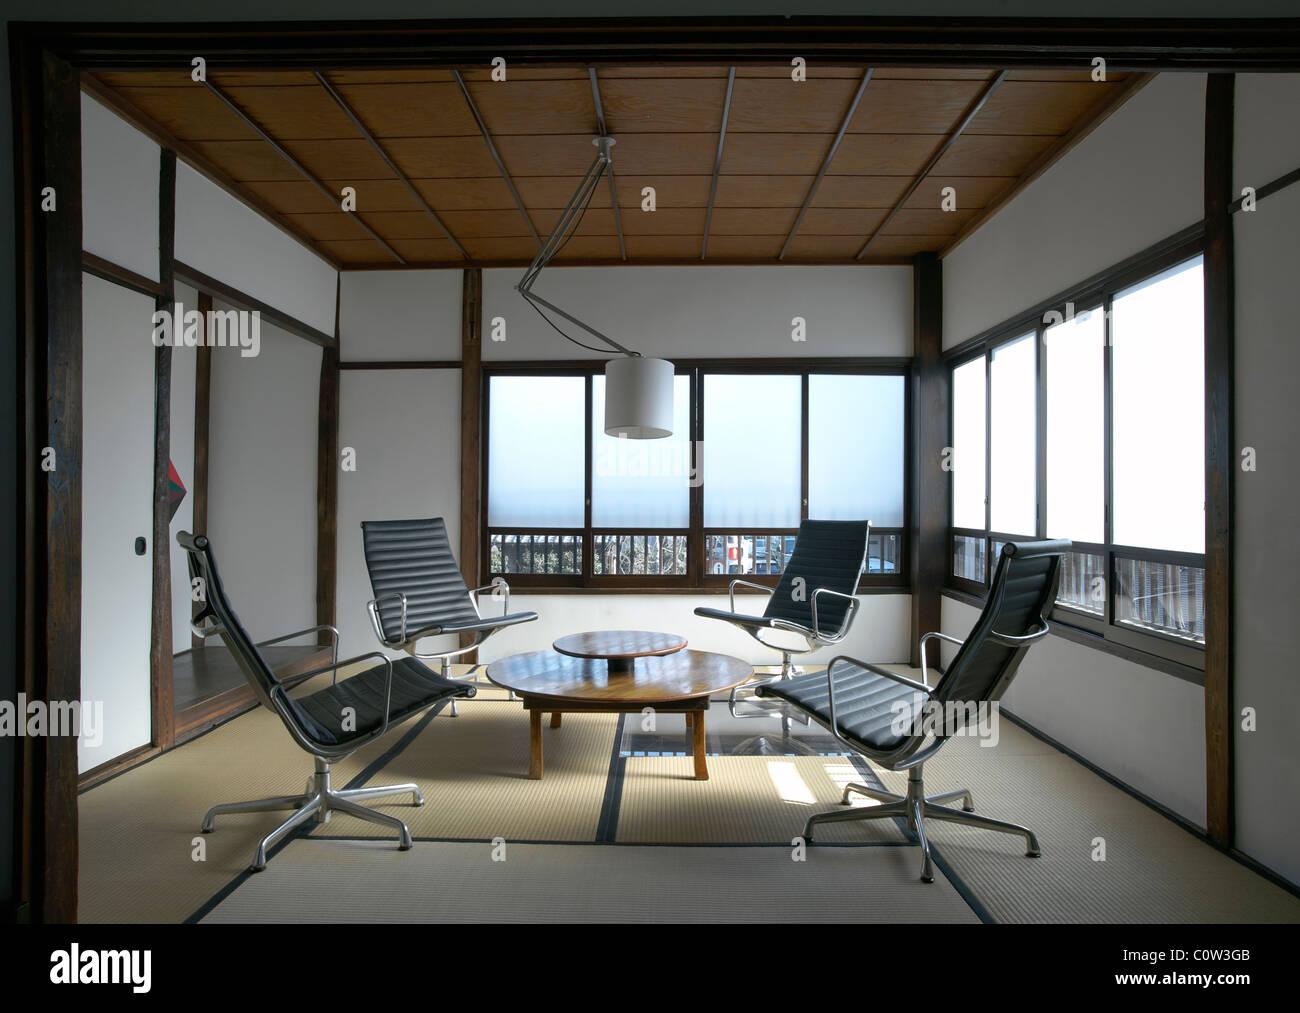 Gut Zeitgenössische Tatami Zimmer In Einem Japanischen Wohnzimmer Mit C. Eames  Office Lounge Sessel Stockbild